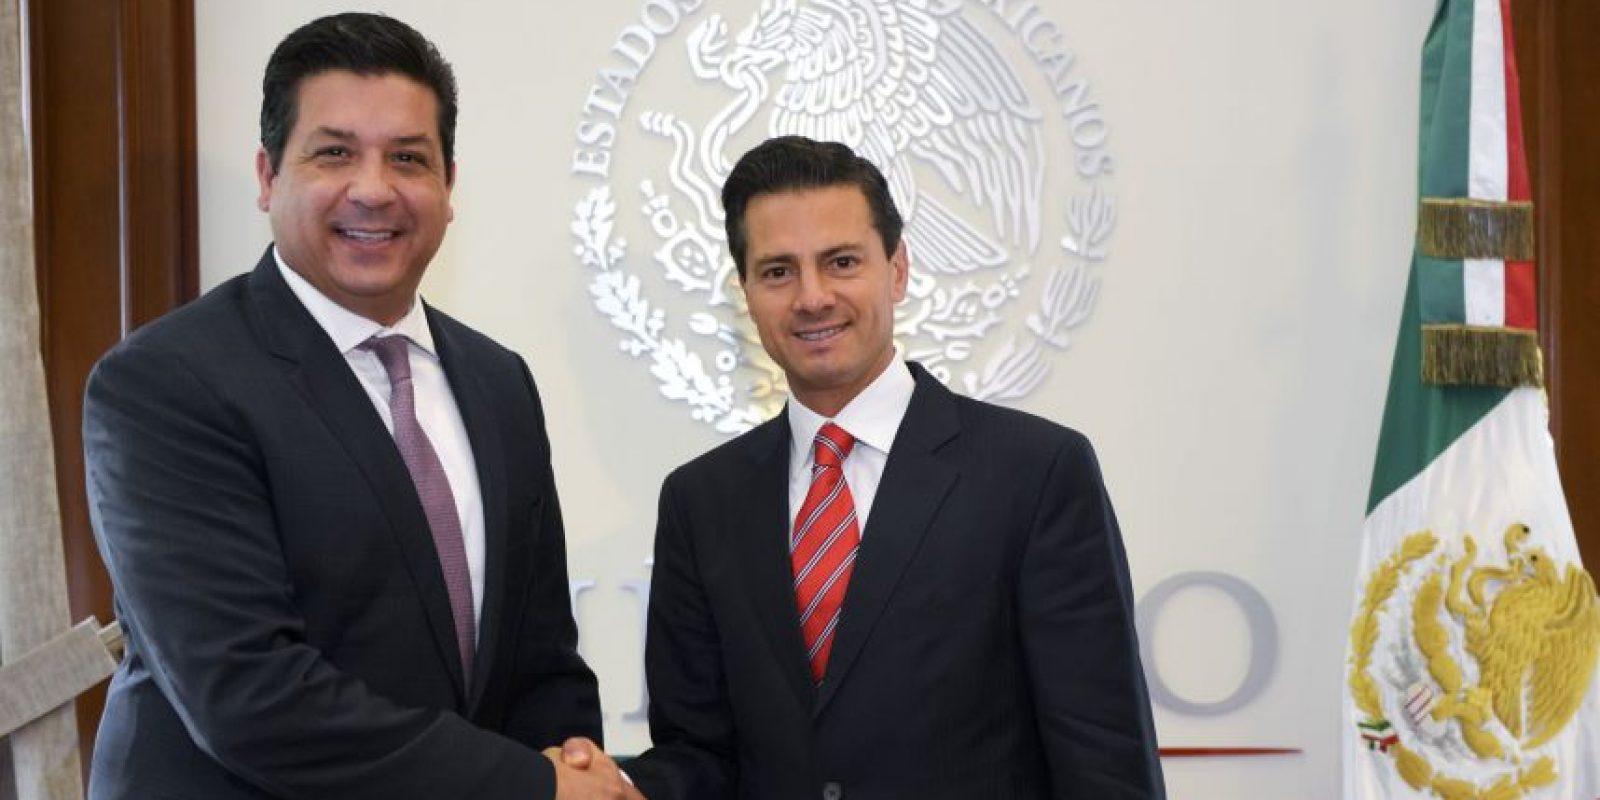 El presidente Peña sostuvo una reunión este jueves con el gobernador electo de Tamaulipas Foto:cuartoscuro